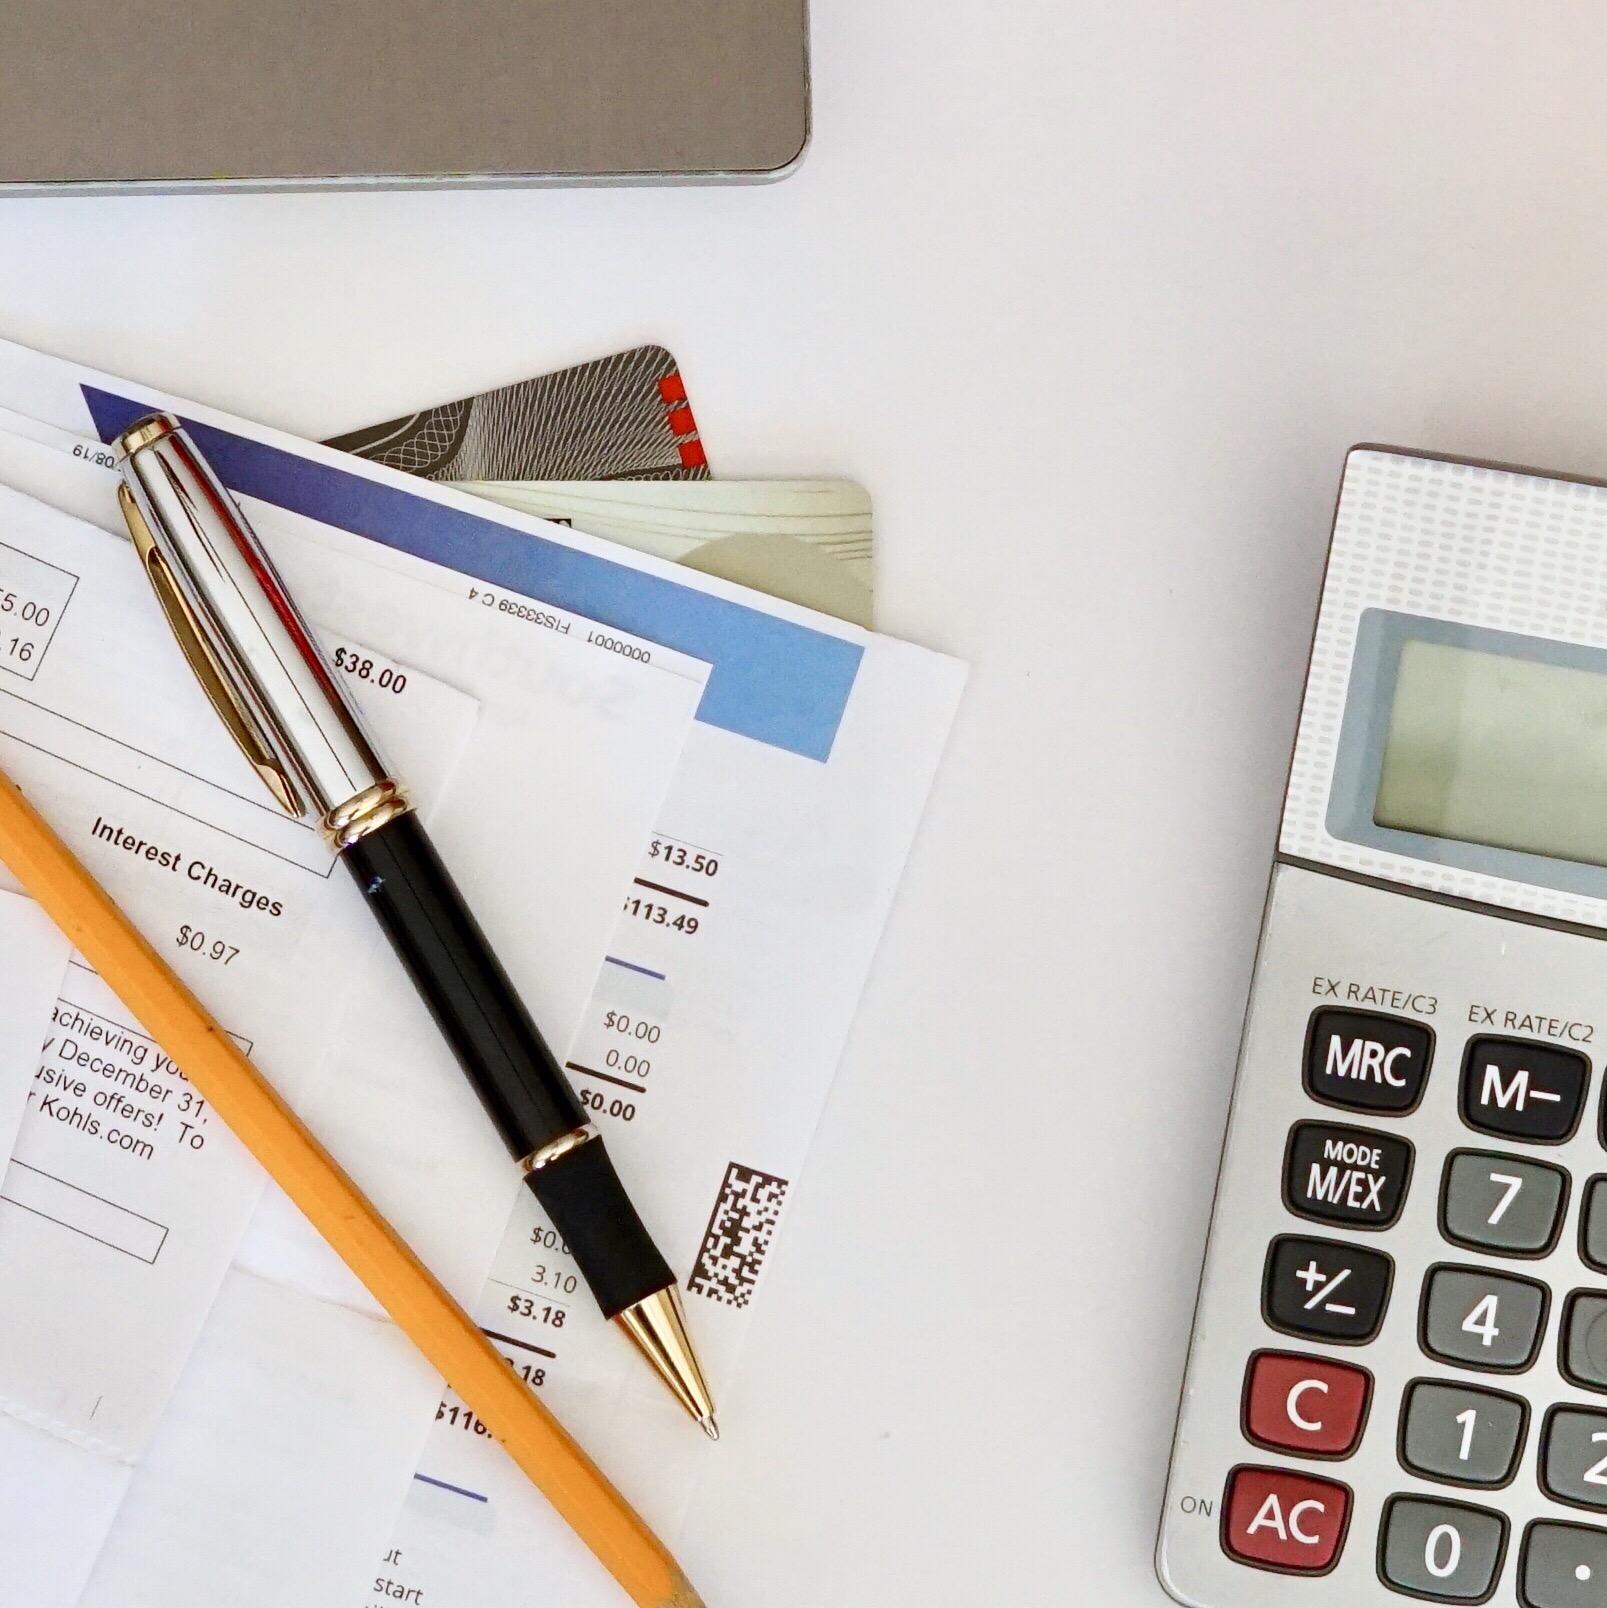 Faire une demande de crédit en ligne, comment faire ?